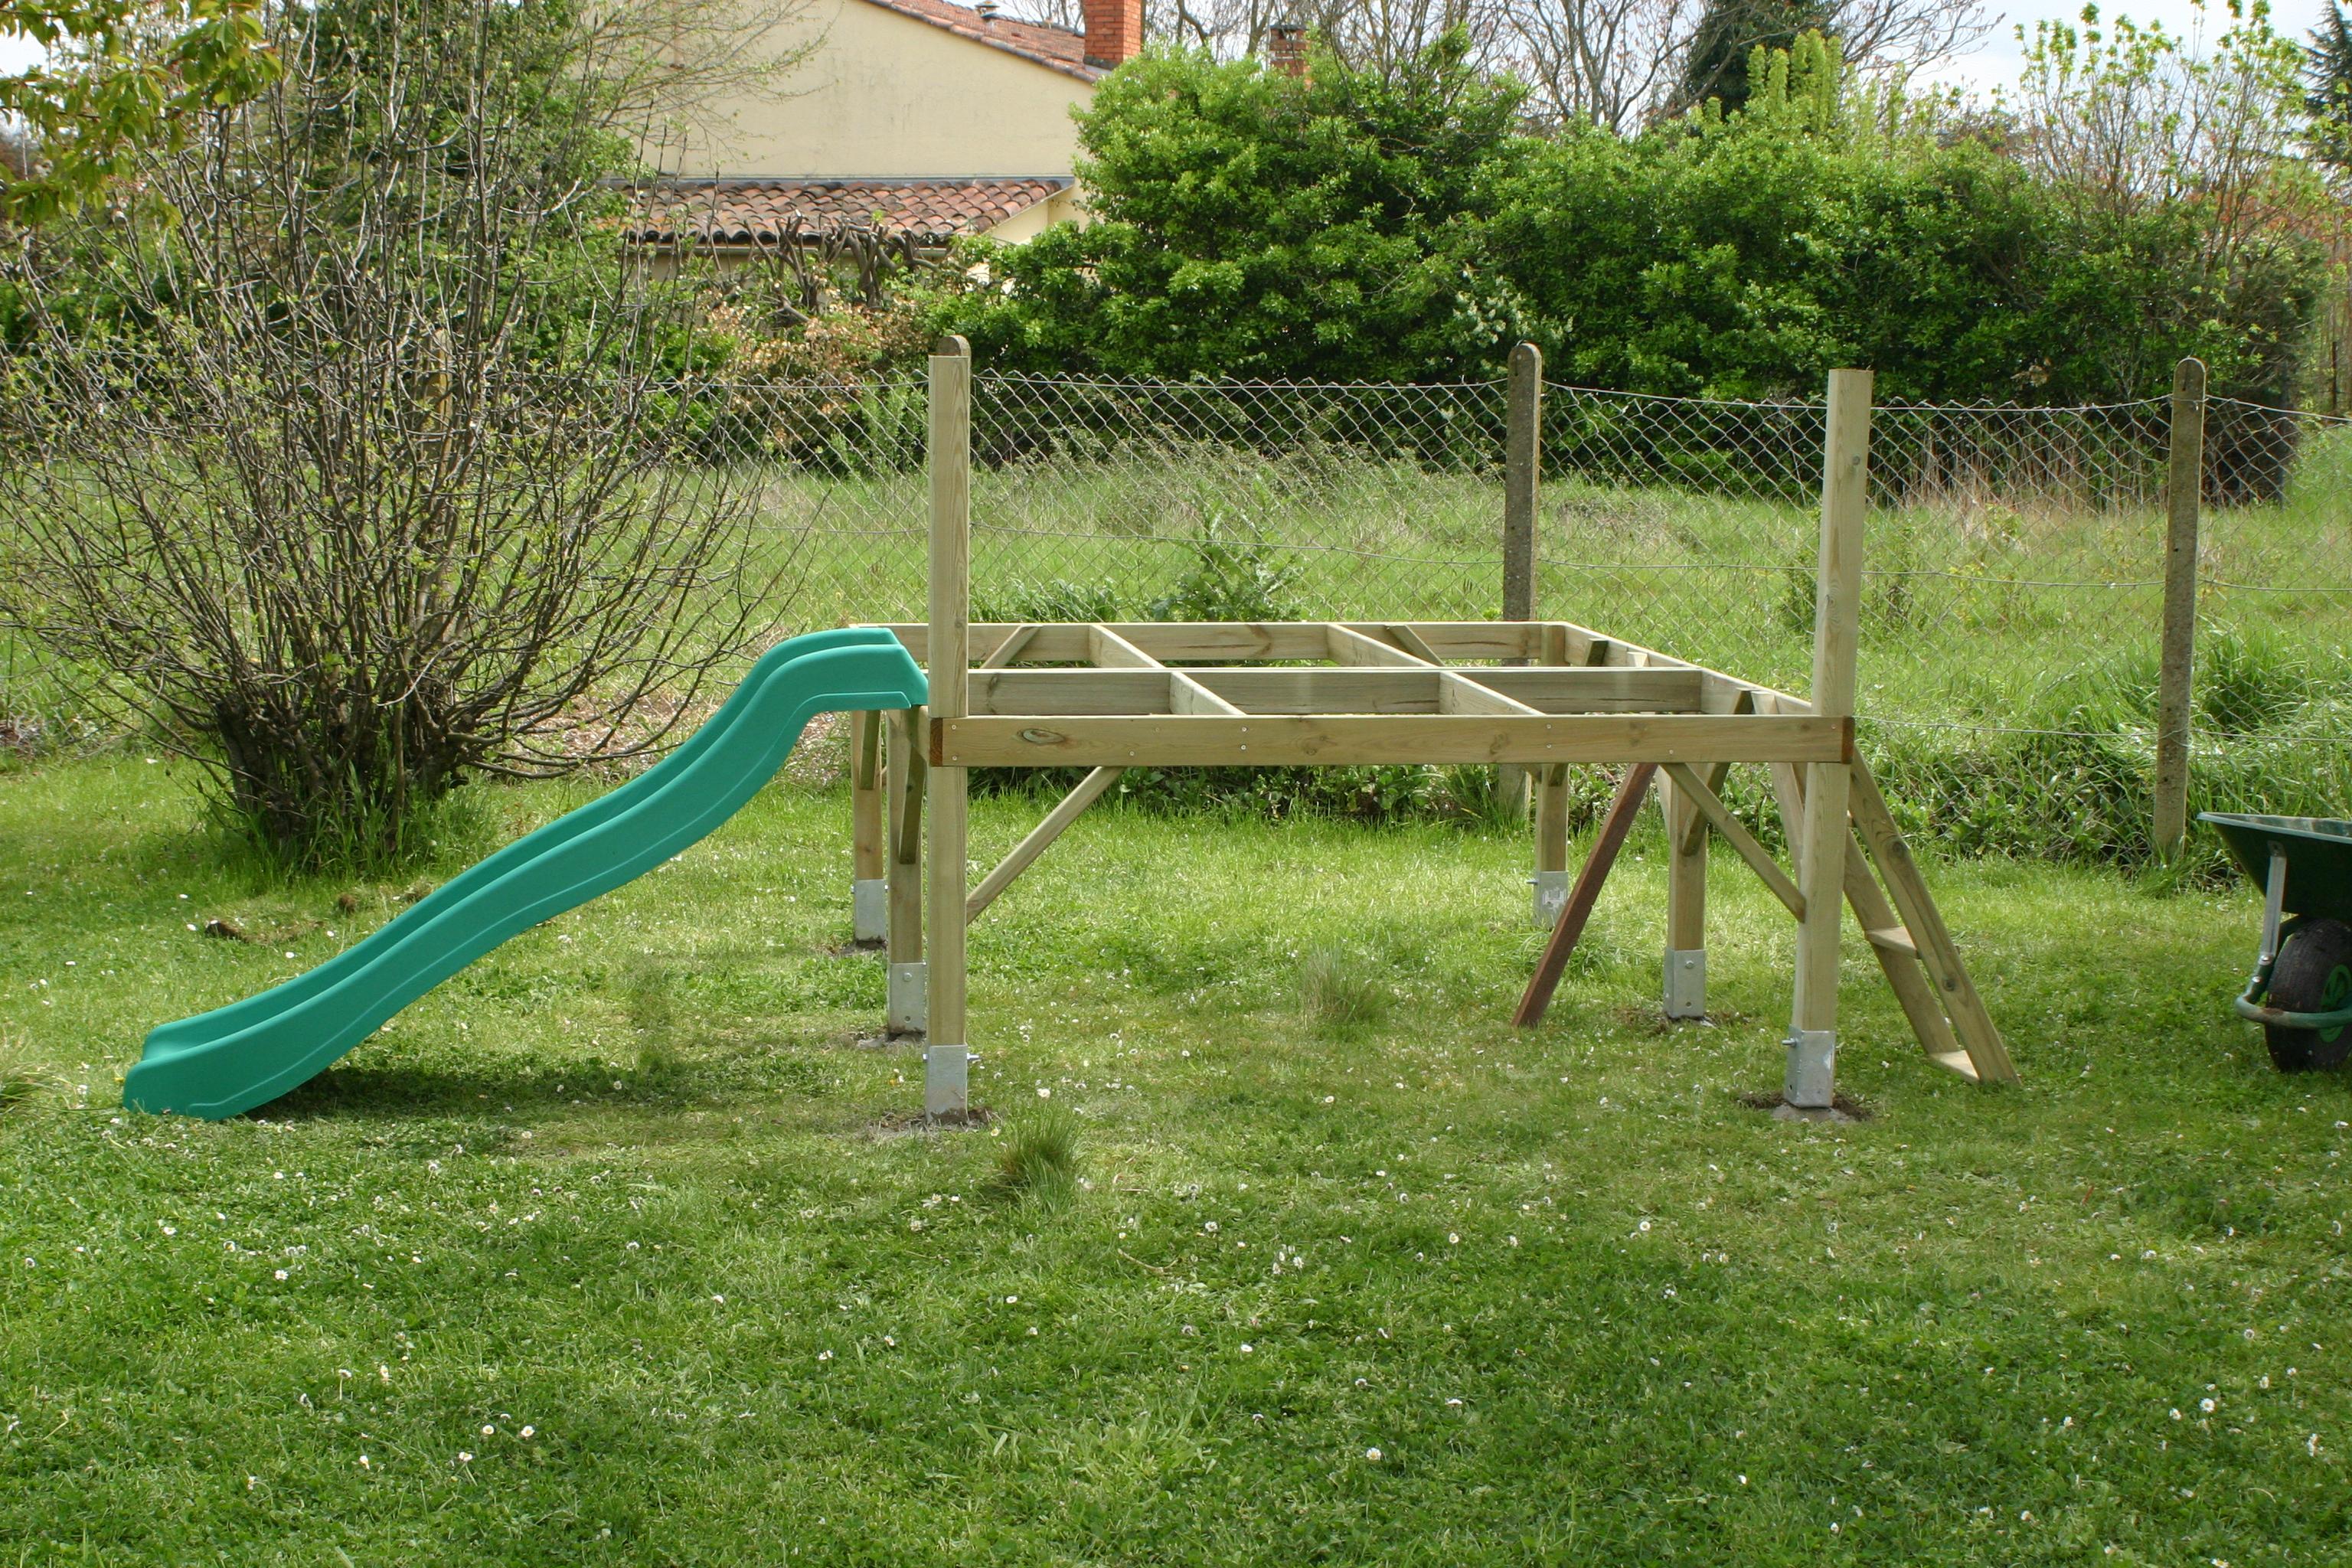 Incroyable Construire Une Cabane De Jardin Pour Enfant Galerie